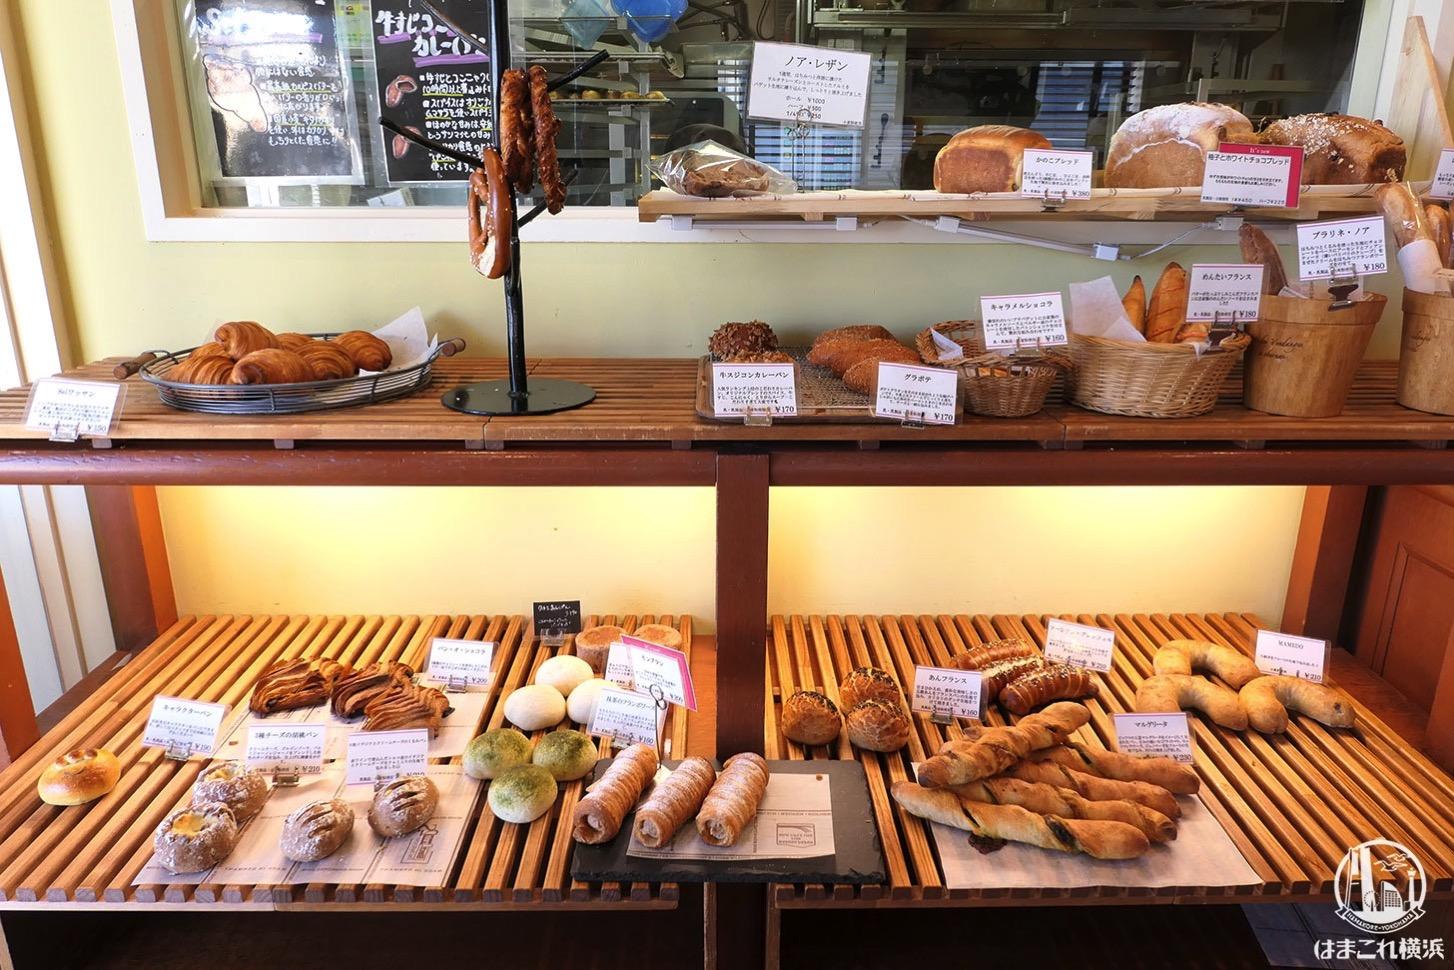 パン工房「シャンドブレ」パン